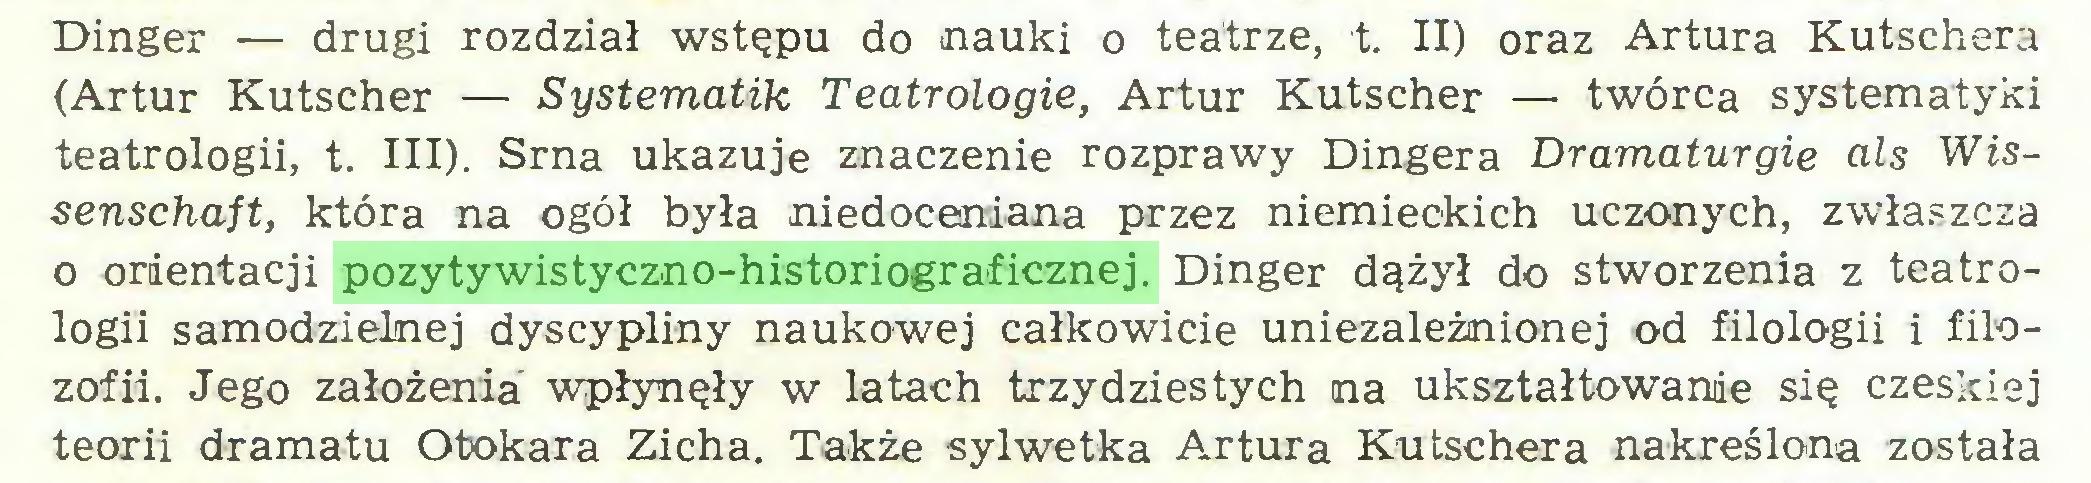 (...) Dinger — drugi rozdział wstępu do nauki o teatrze, t. II) oraz Artura Kutschera (Artur Kutscher — Systematik Teatrologie, Artur Kutscher — twórca systematyki teatrologii, t. III). Srna ukazuje znaczenie rozprawy Dingera Dramaturgie als Wissenschaft, która na ogół była niedoceniana przez niemieckich uczonych, zwłaszcza o orientacji pozytywistyczno-historiograficznej. Dinger dążył do stworzenia z teatrologii samodzielnej dyscypliny naukowej całkowicie uniezależnionej od filologii i filozofii. Jego założenia wpłynęły w latach trzydziestych na ukształtowanie się czeskiej teorii dramatu Otokara Zicha. Także sylwetka Artura Kutschera nakreślona została...